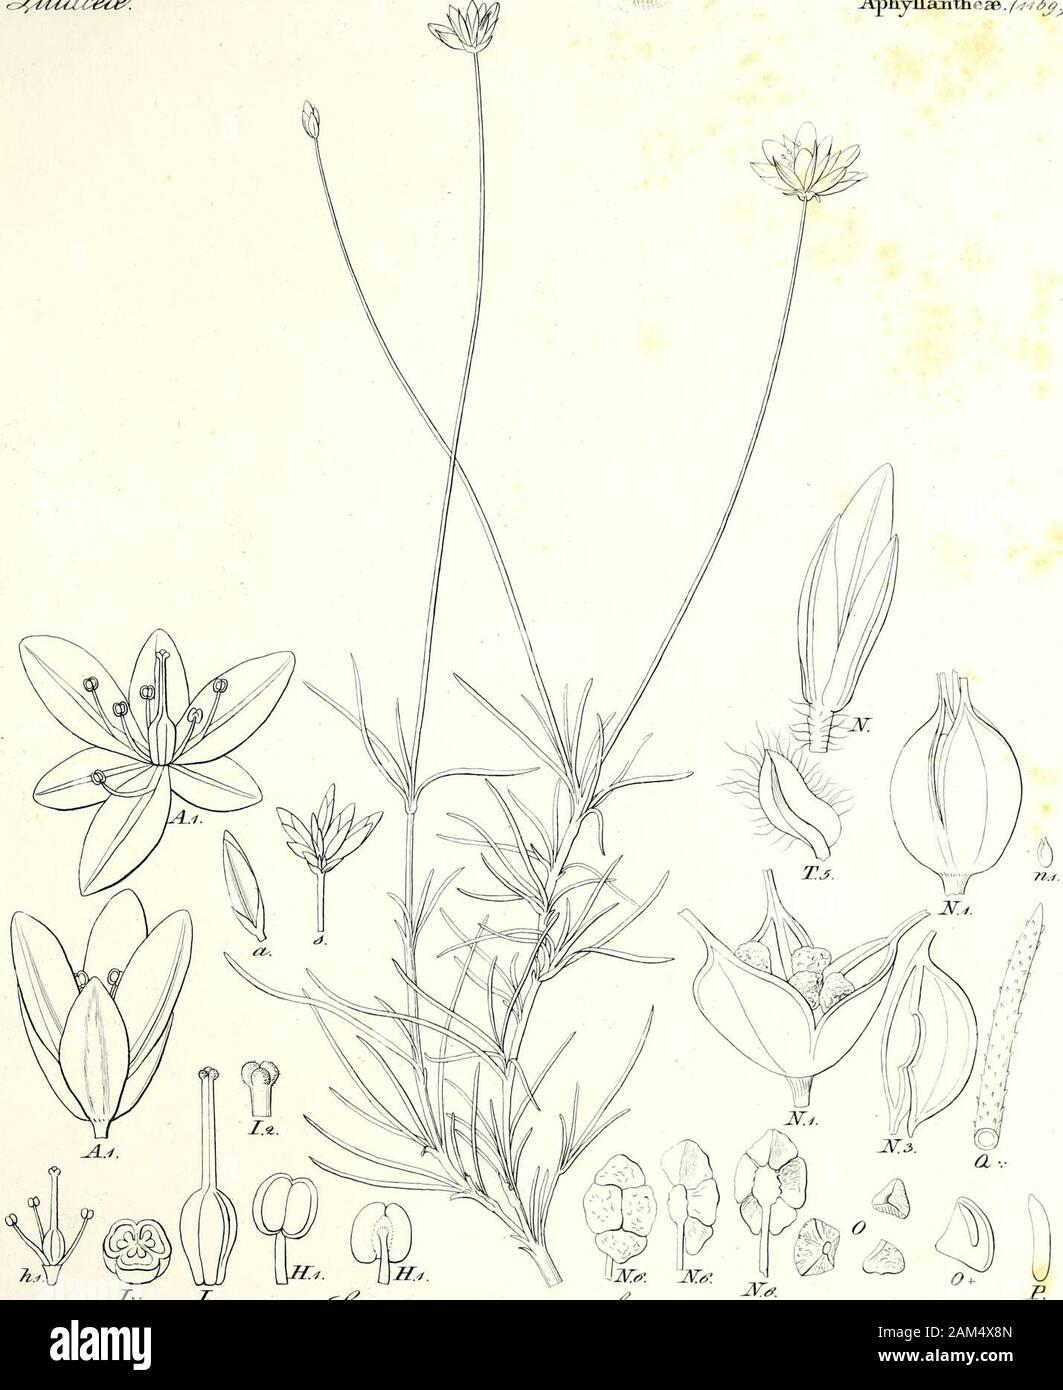 Iconographia generum plantarum . /></ c£Uuice€&. ,. ApkyHajifheae • /^^V. I. Z. Jpprz&; /&^za44s>* de-6< ==^^2^^^^^^^^^. cJ^x^; &<?&Jnz/y Stock Photo